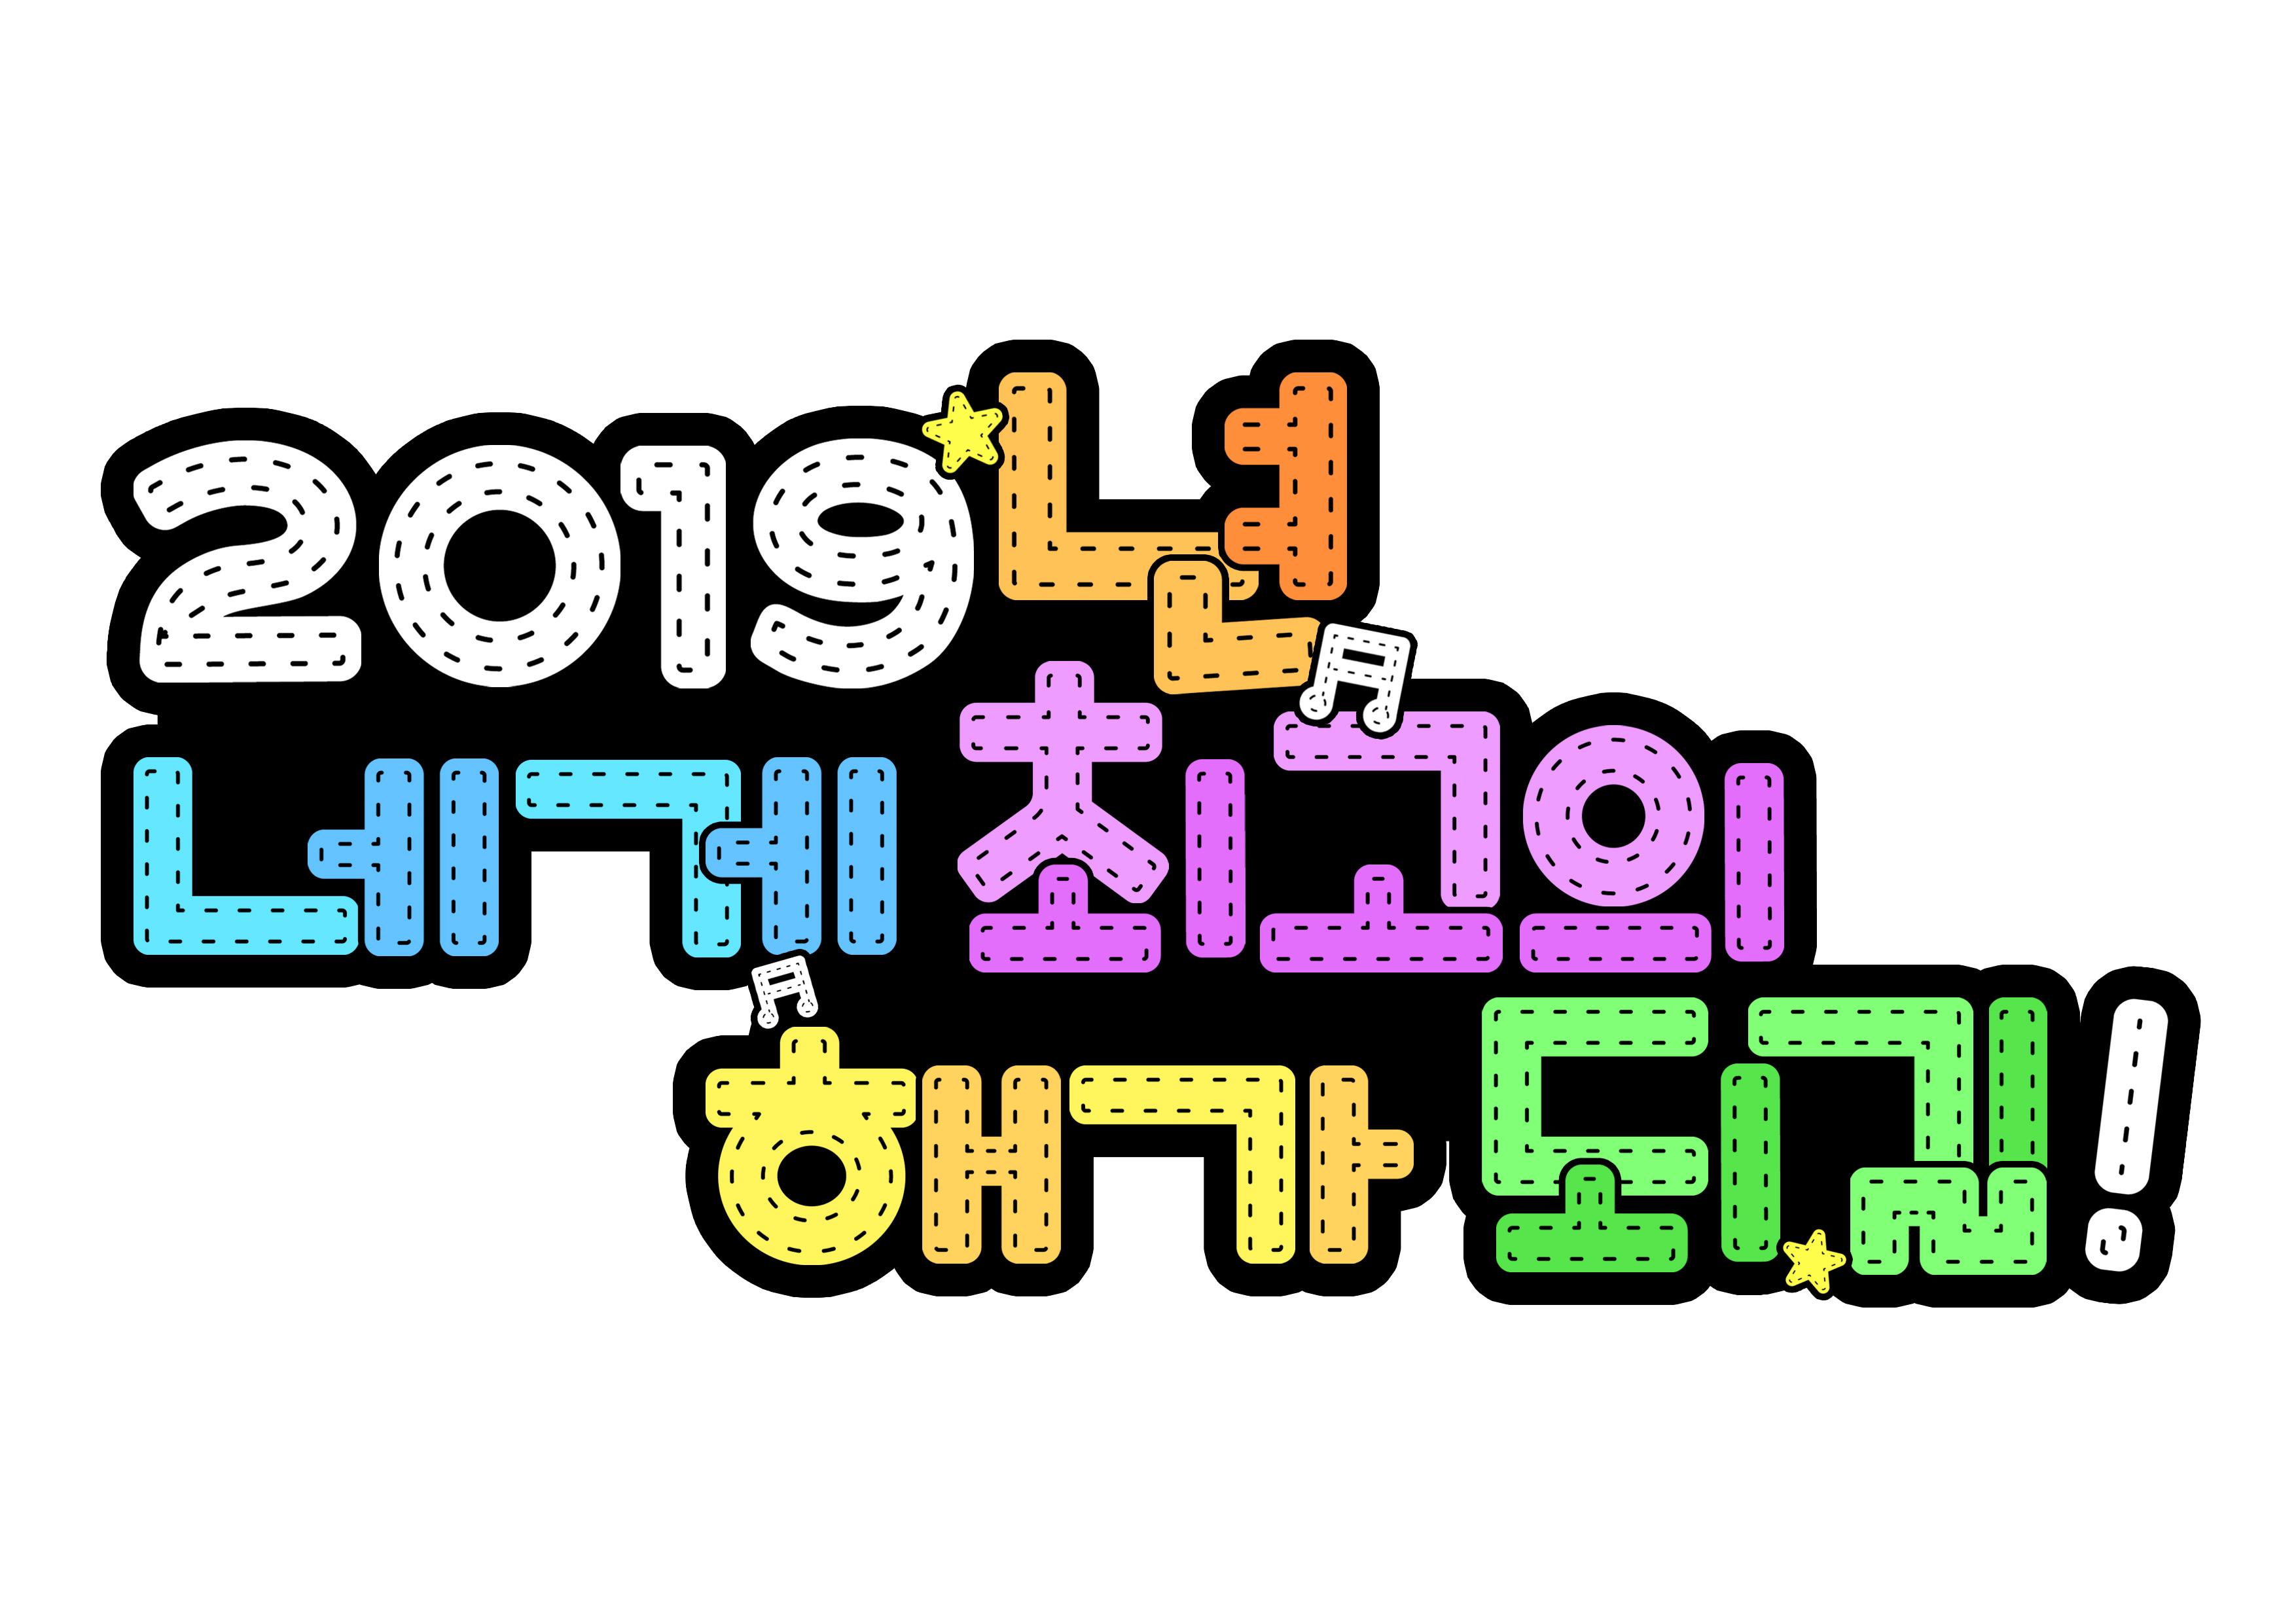 2019년 네게 최고의 해가 되길!